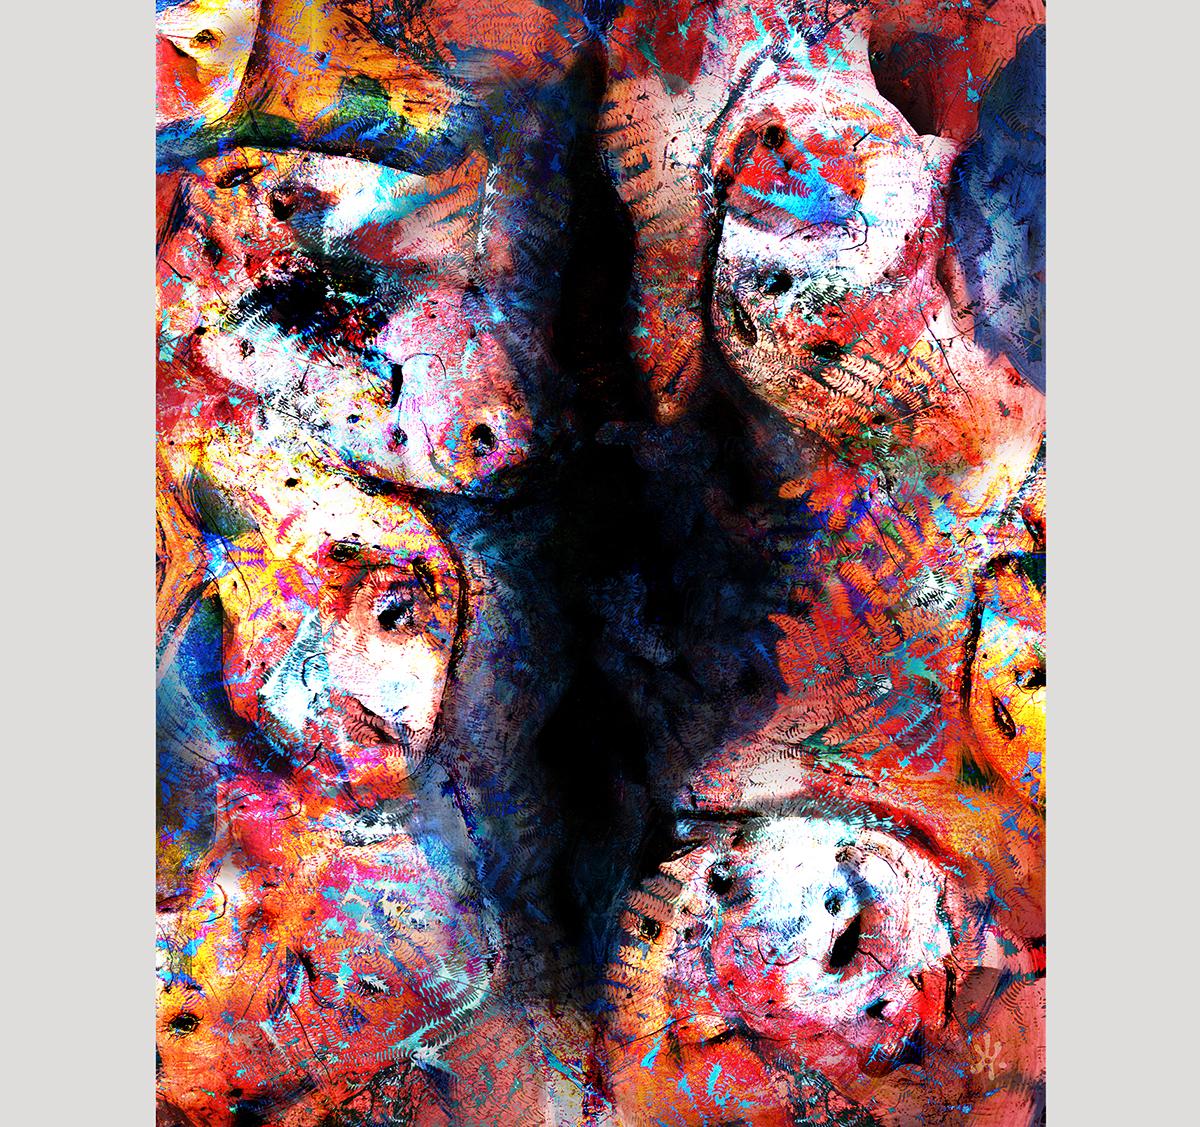 numérique art numérique photo abstrait peinture couleurs